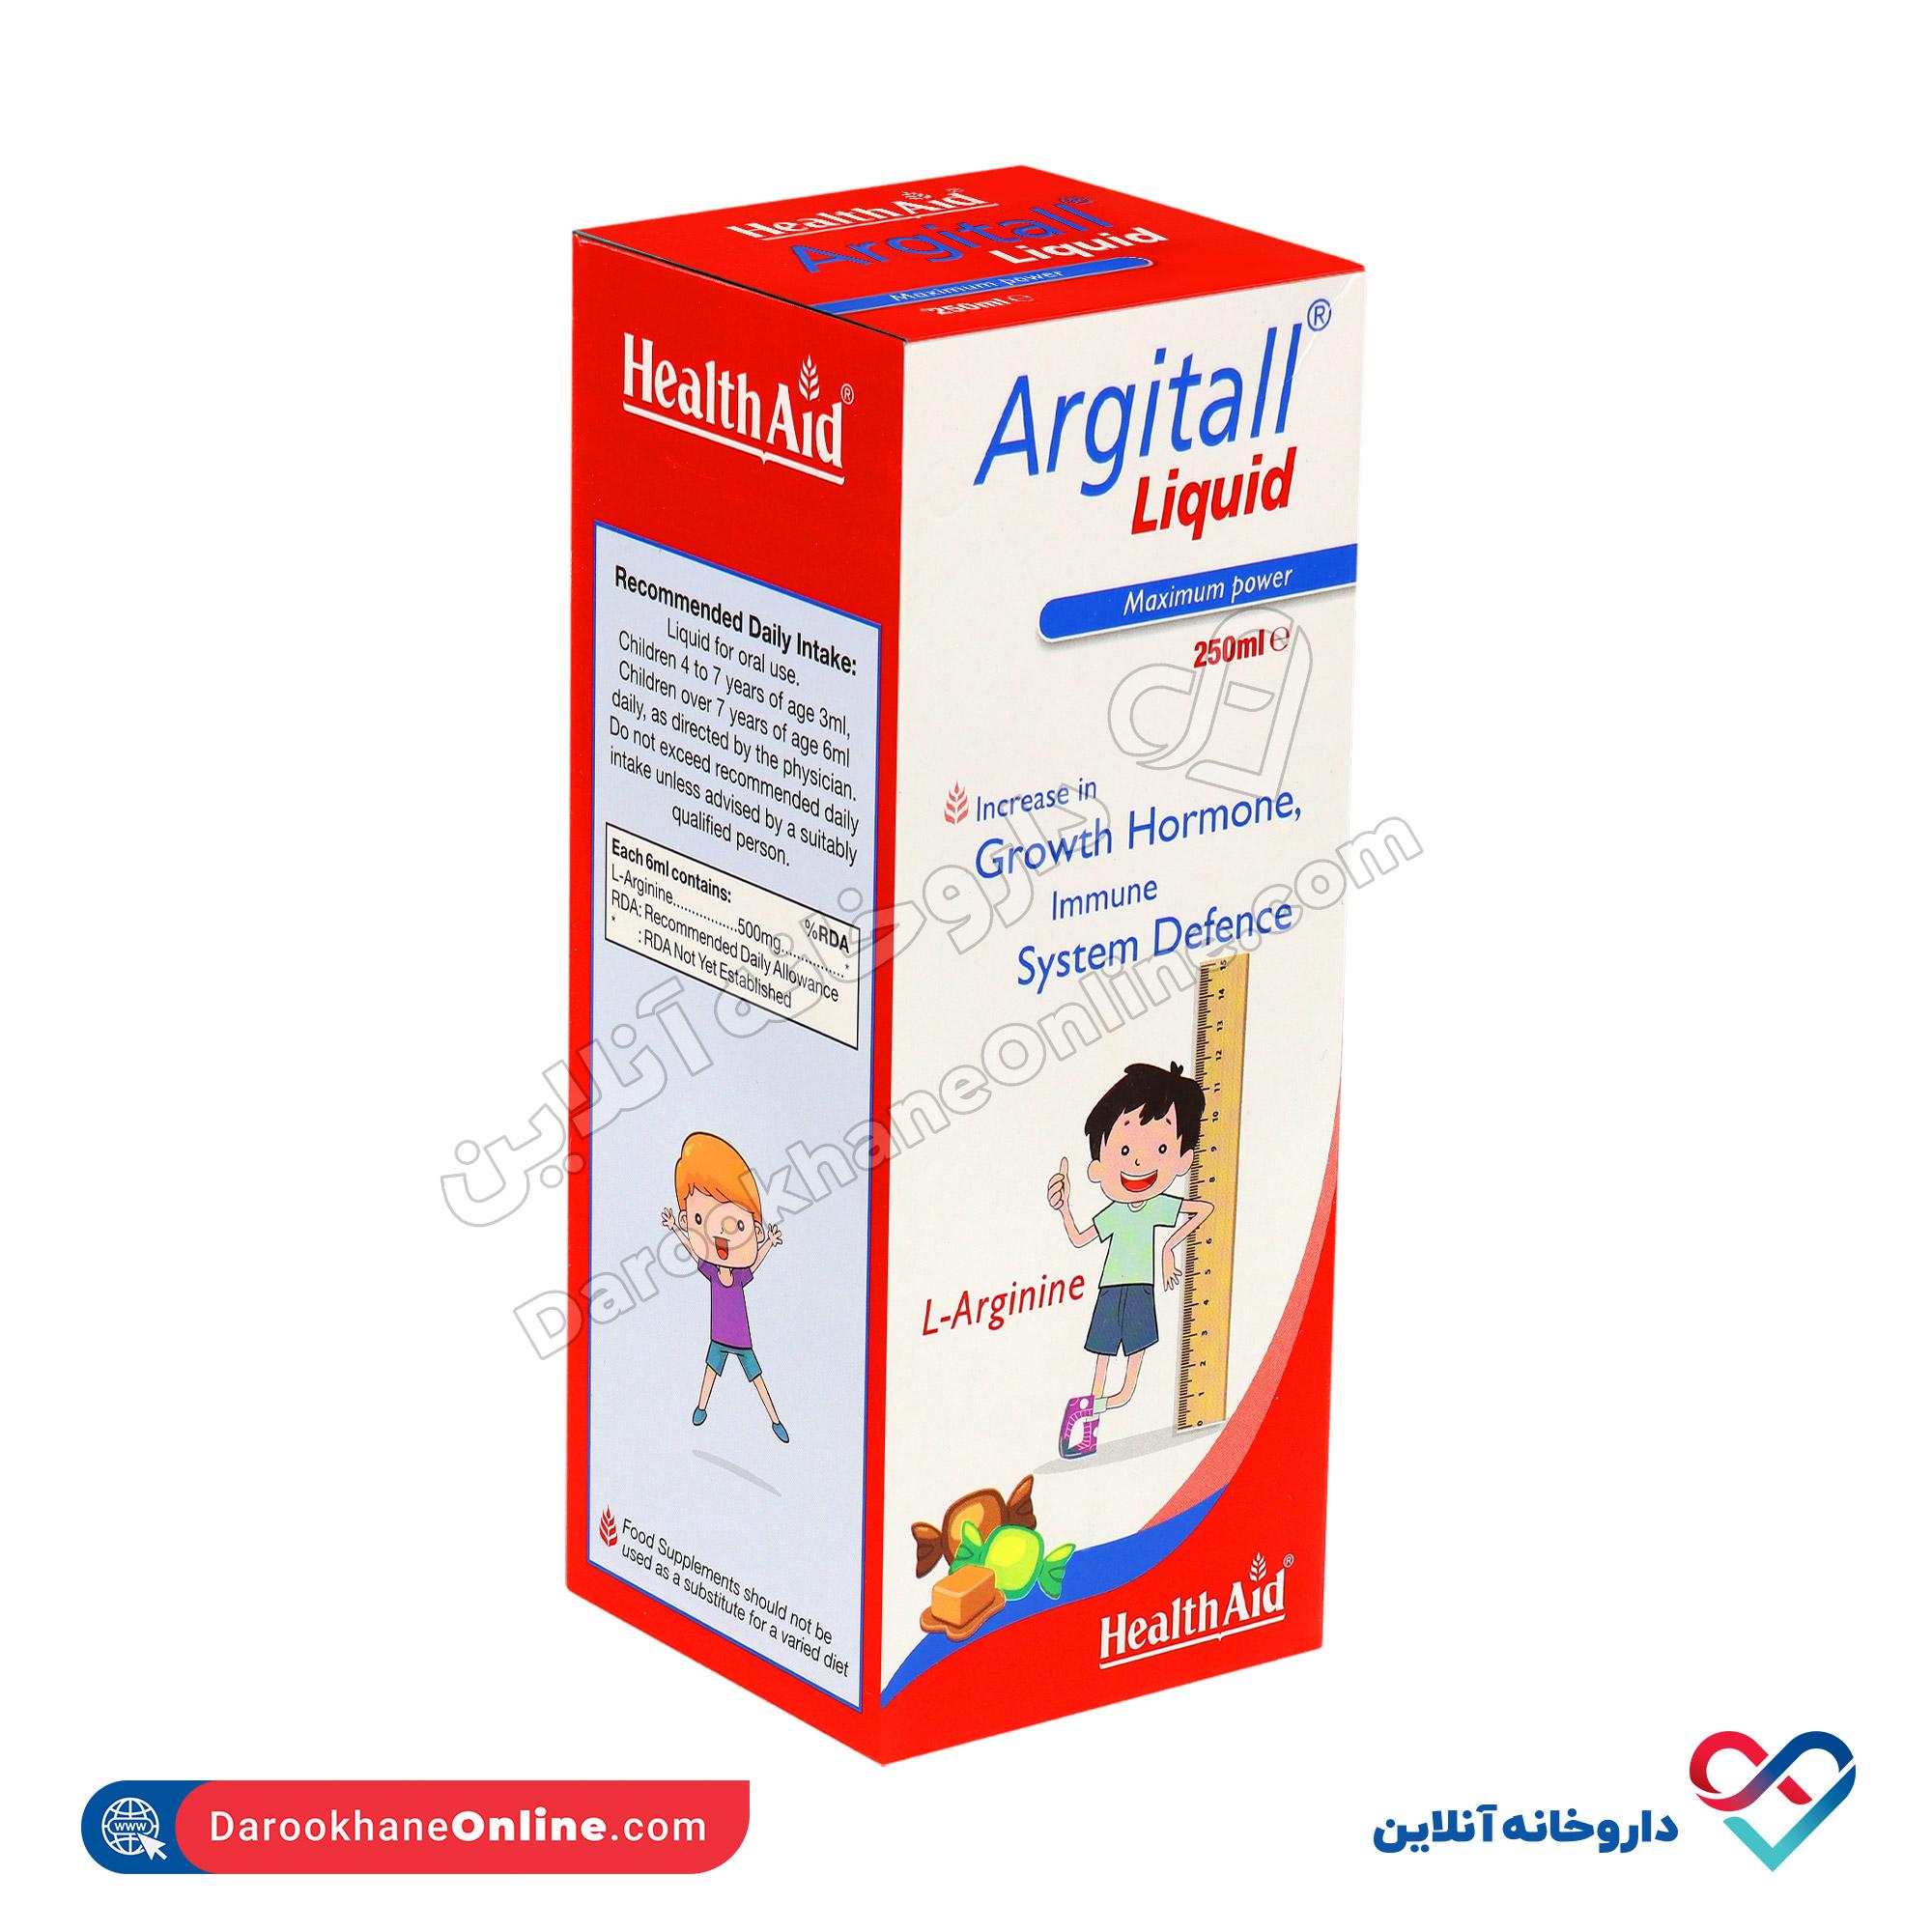 شربت آرژیتال هلث اید   250 میلی   بهبود سیستم ایمنی و تحریک هورمون رشد در کودکان